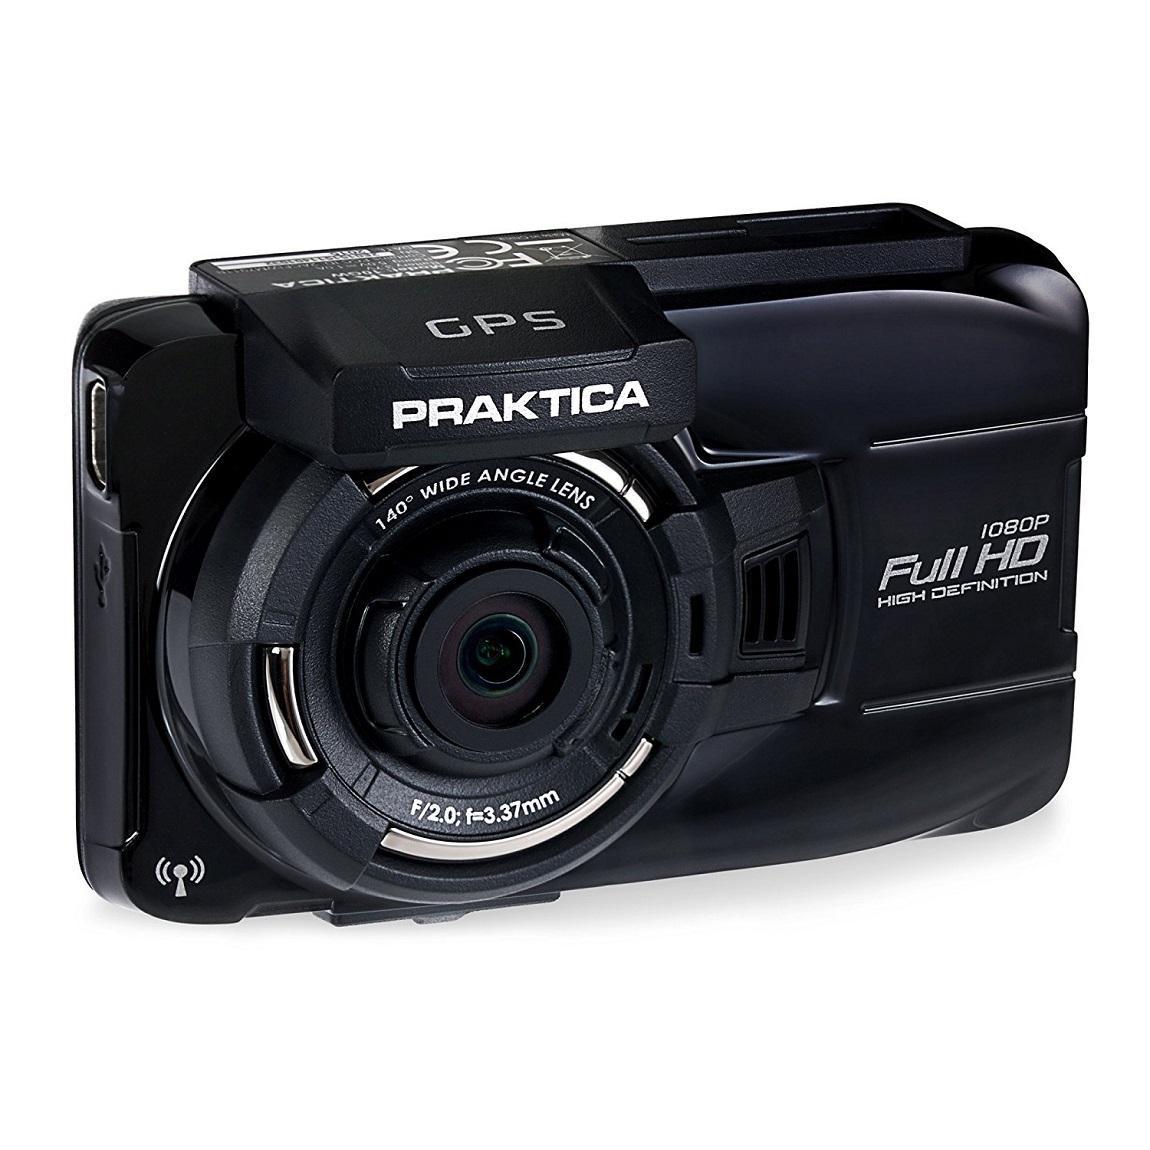 PRAKTICA-10GW-camera.jpg